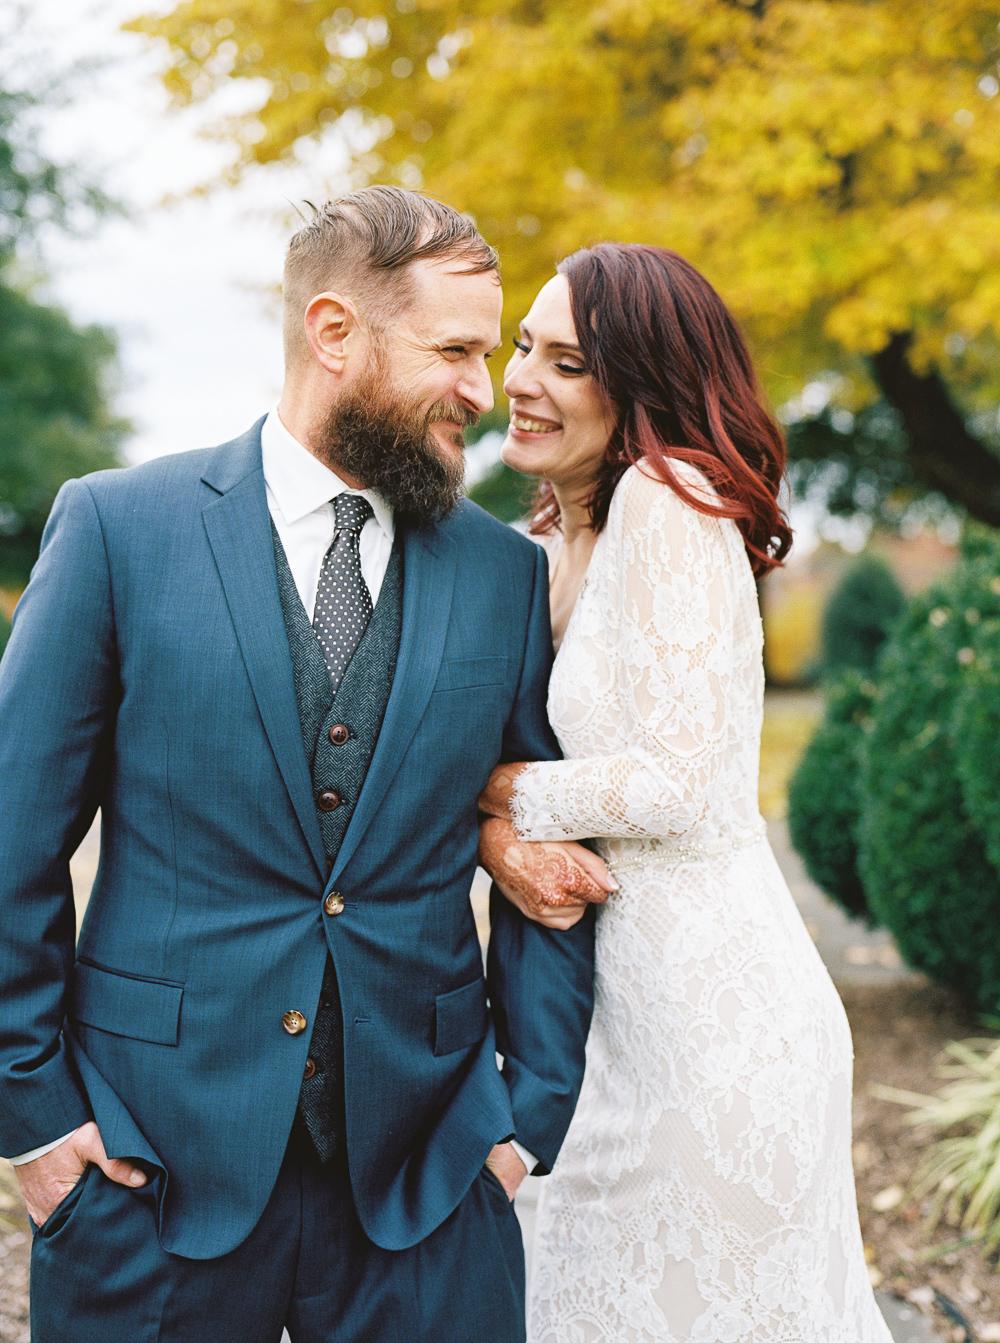 Michelle-whitley-bride